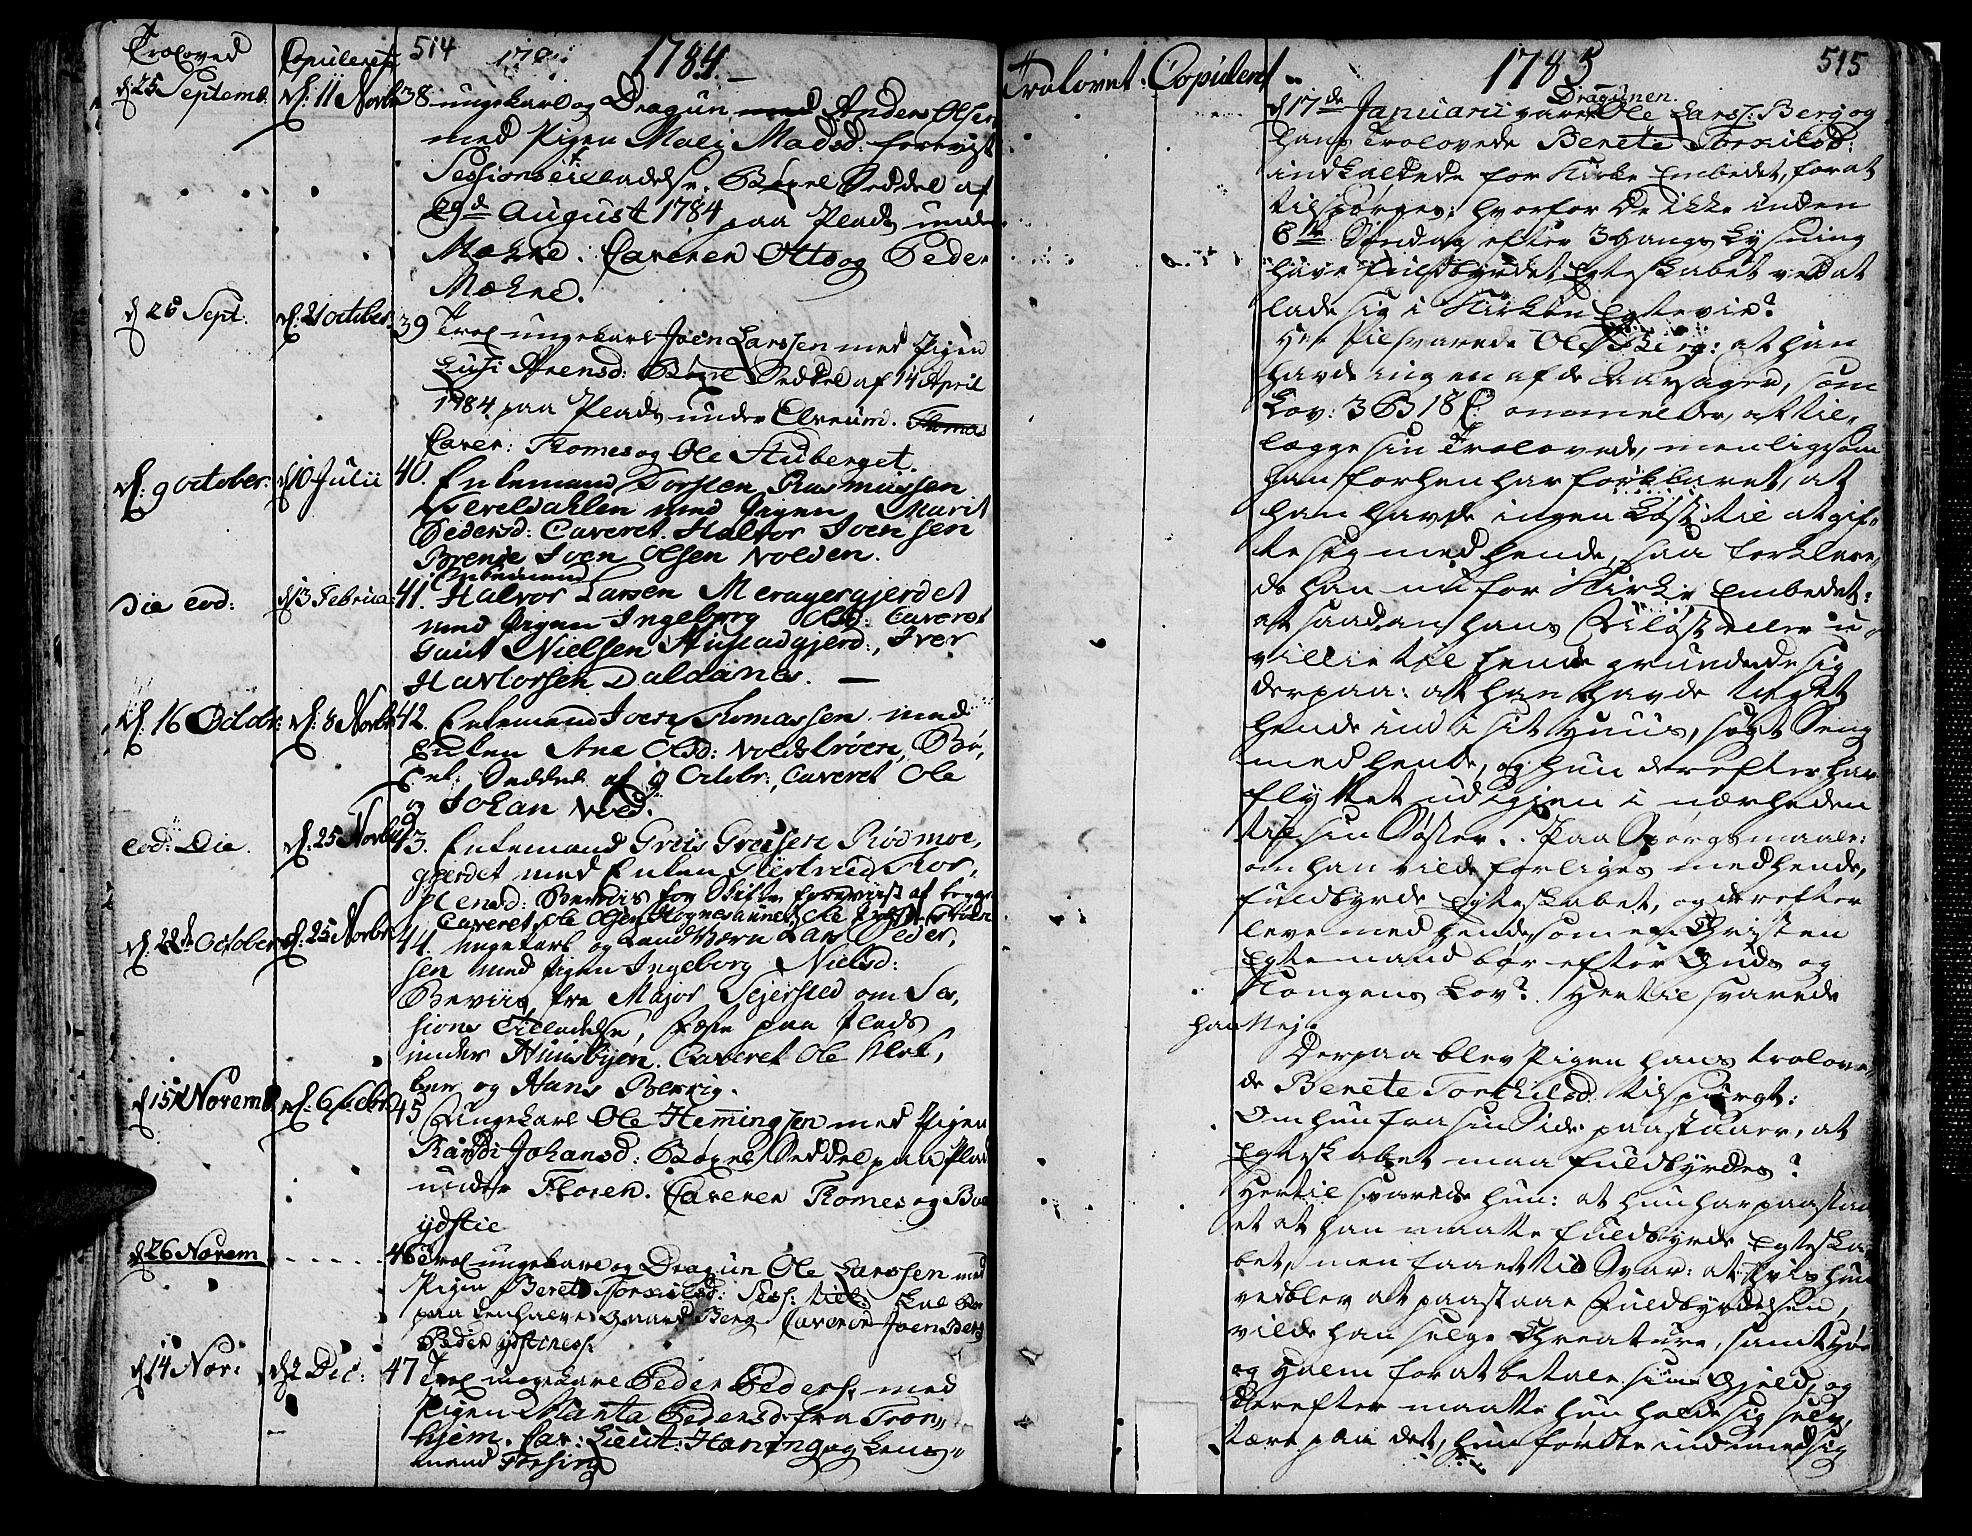 SAT, Ministerialprotokoller, klokkerbøker og fødselsregistre - Nord-Trøndelag, 709/L0059: Ministerialbok nr. 709A06, 1781-1797, s. 514-515